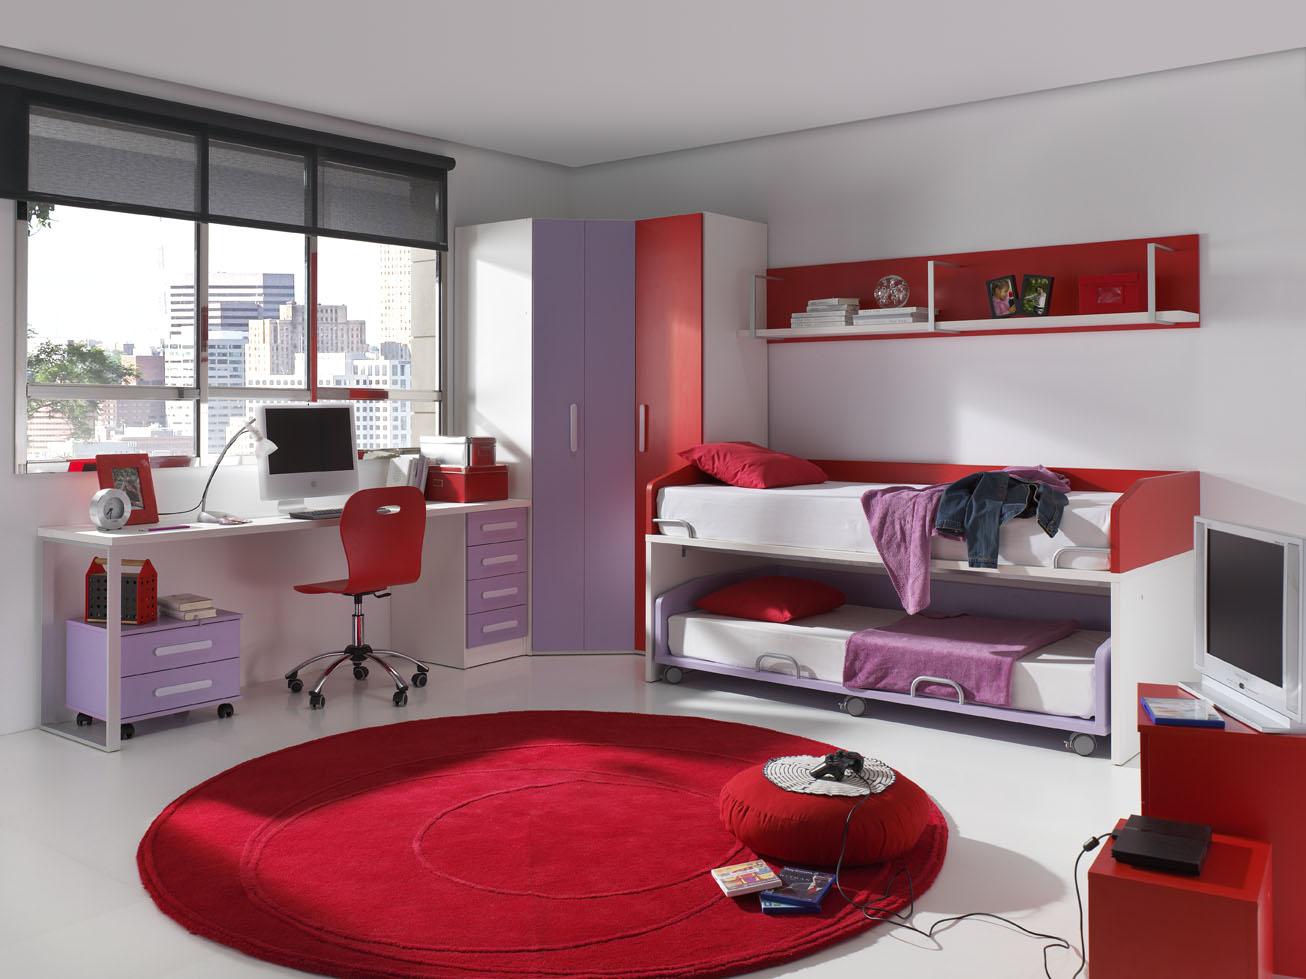 Dormitorios juveniles funcionales y bonitos muebles for Decoracion de cuartos para jovenes